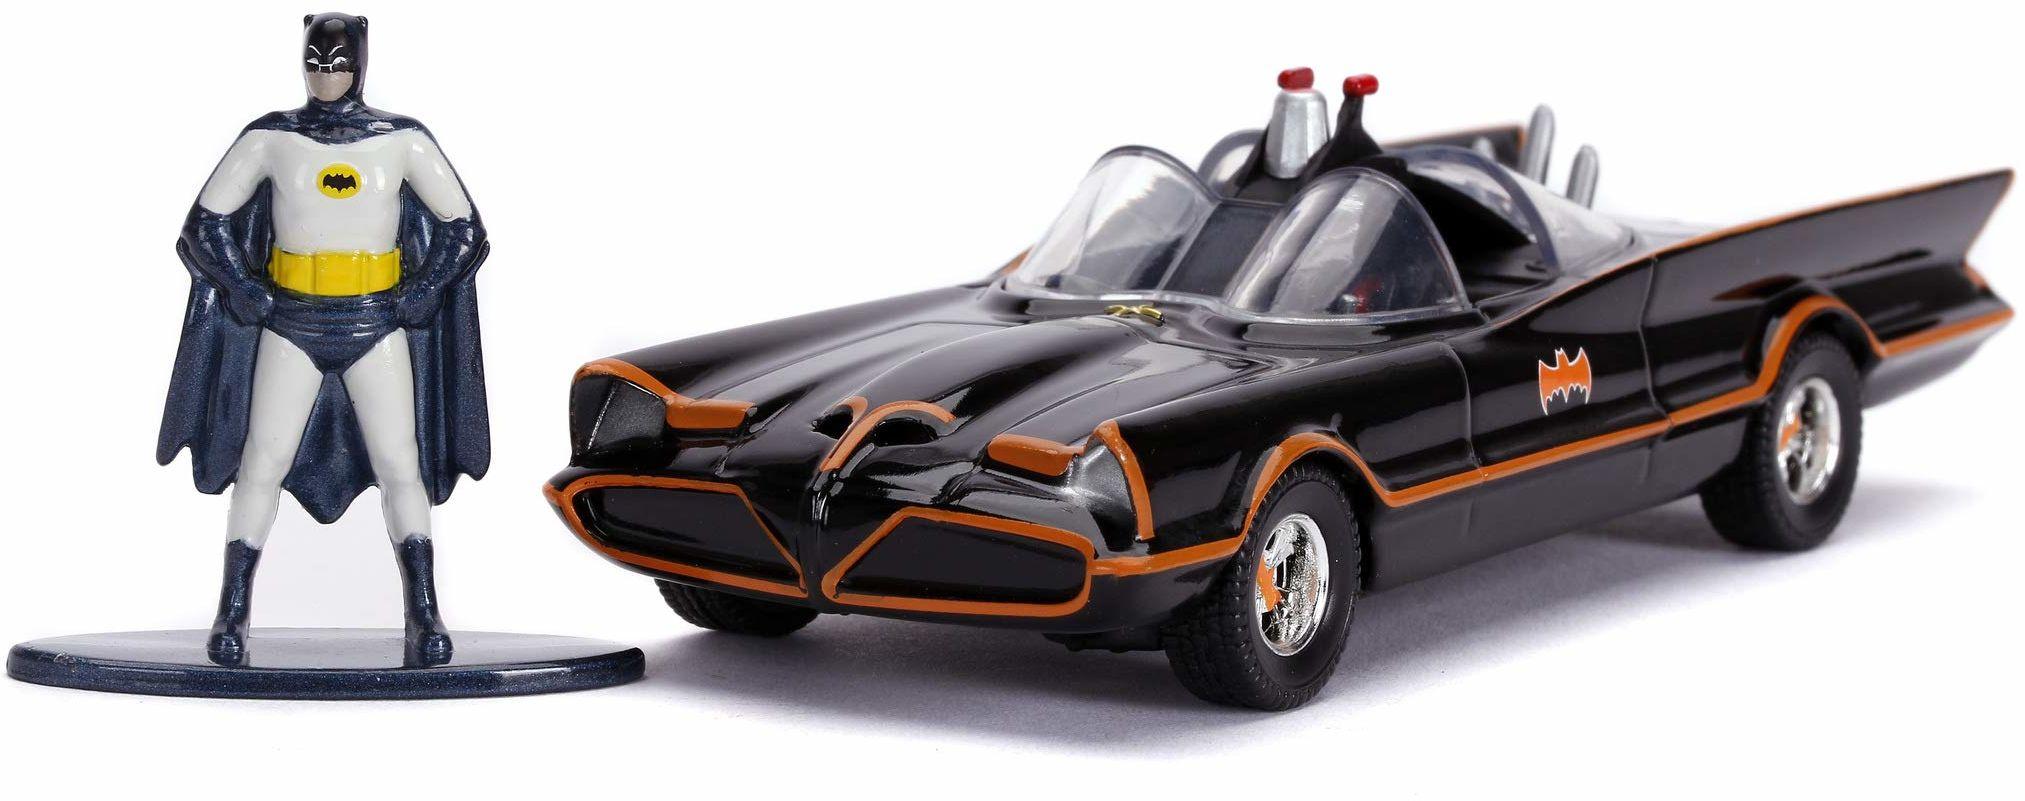 Jada Toys 253213002 1966 Classic Batmobile, zabawkowy samochód, otwierane drzwi, Die-Cast, wraz z figurką Batmana, skala 1:32, czarny